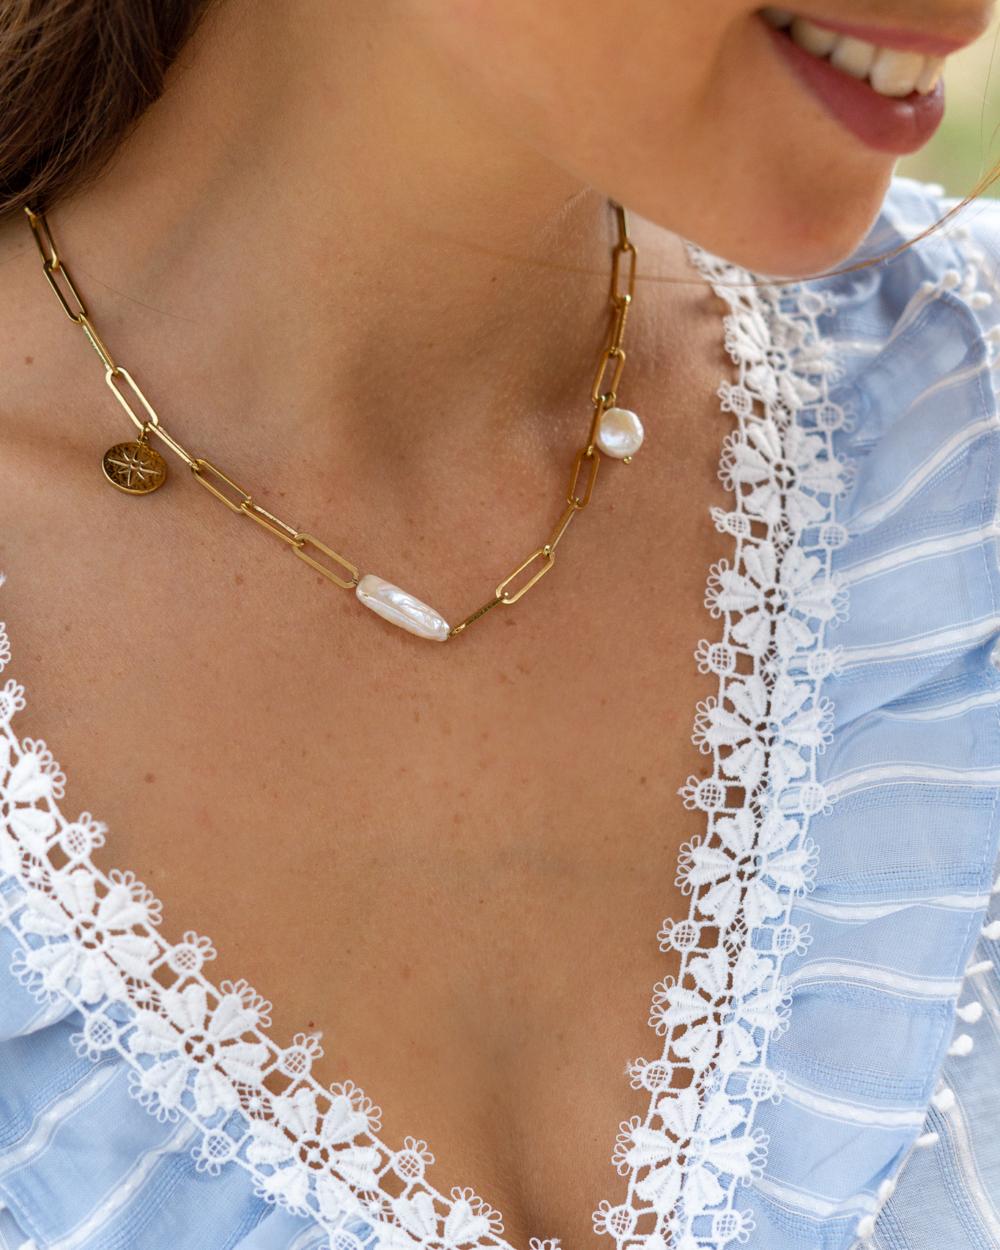 Découvrez toute notre sélection de bijoux en acier inoxydable. Un large choix de colliers, bracelets, joncs, bagues et boucles d'oreilles vous attendent.